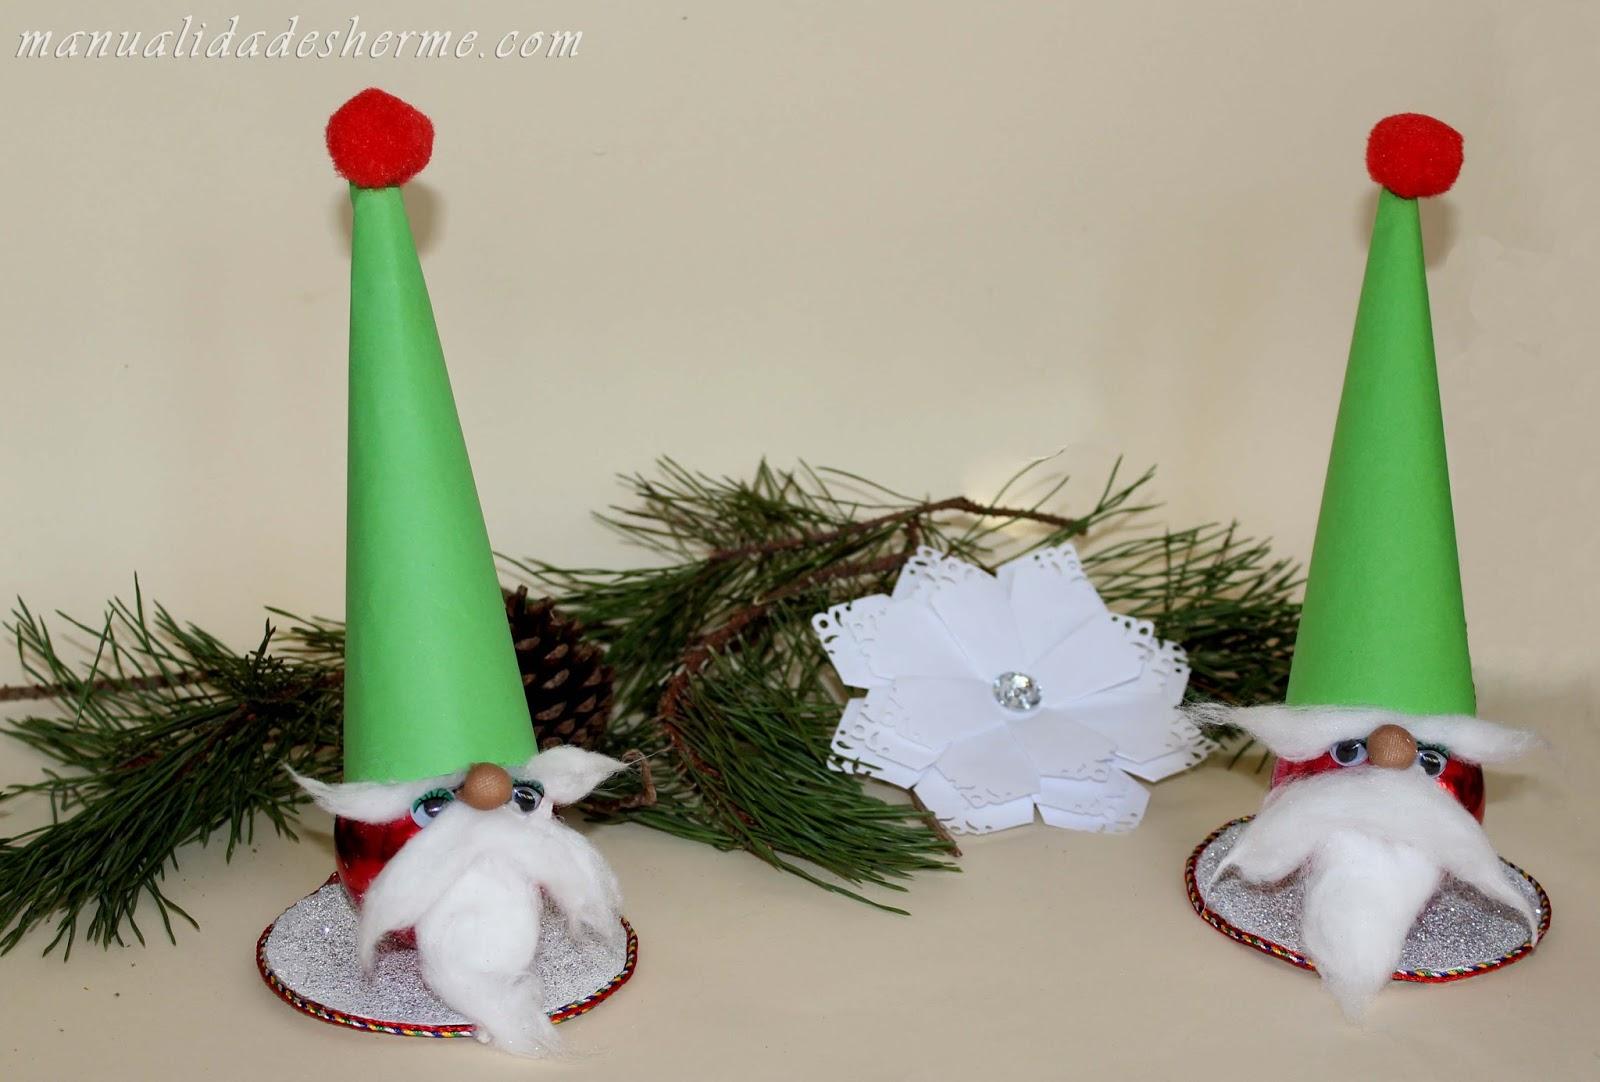 Manualidades herme como hacer un gnomo para decorar en navidad - Manualidades para decorar en navidad ...